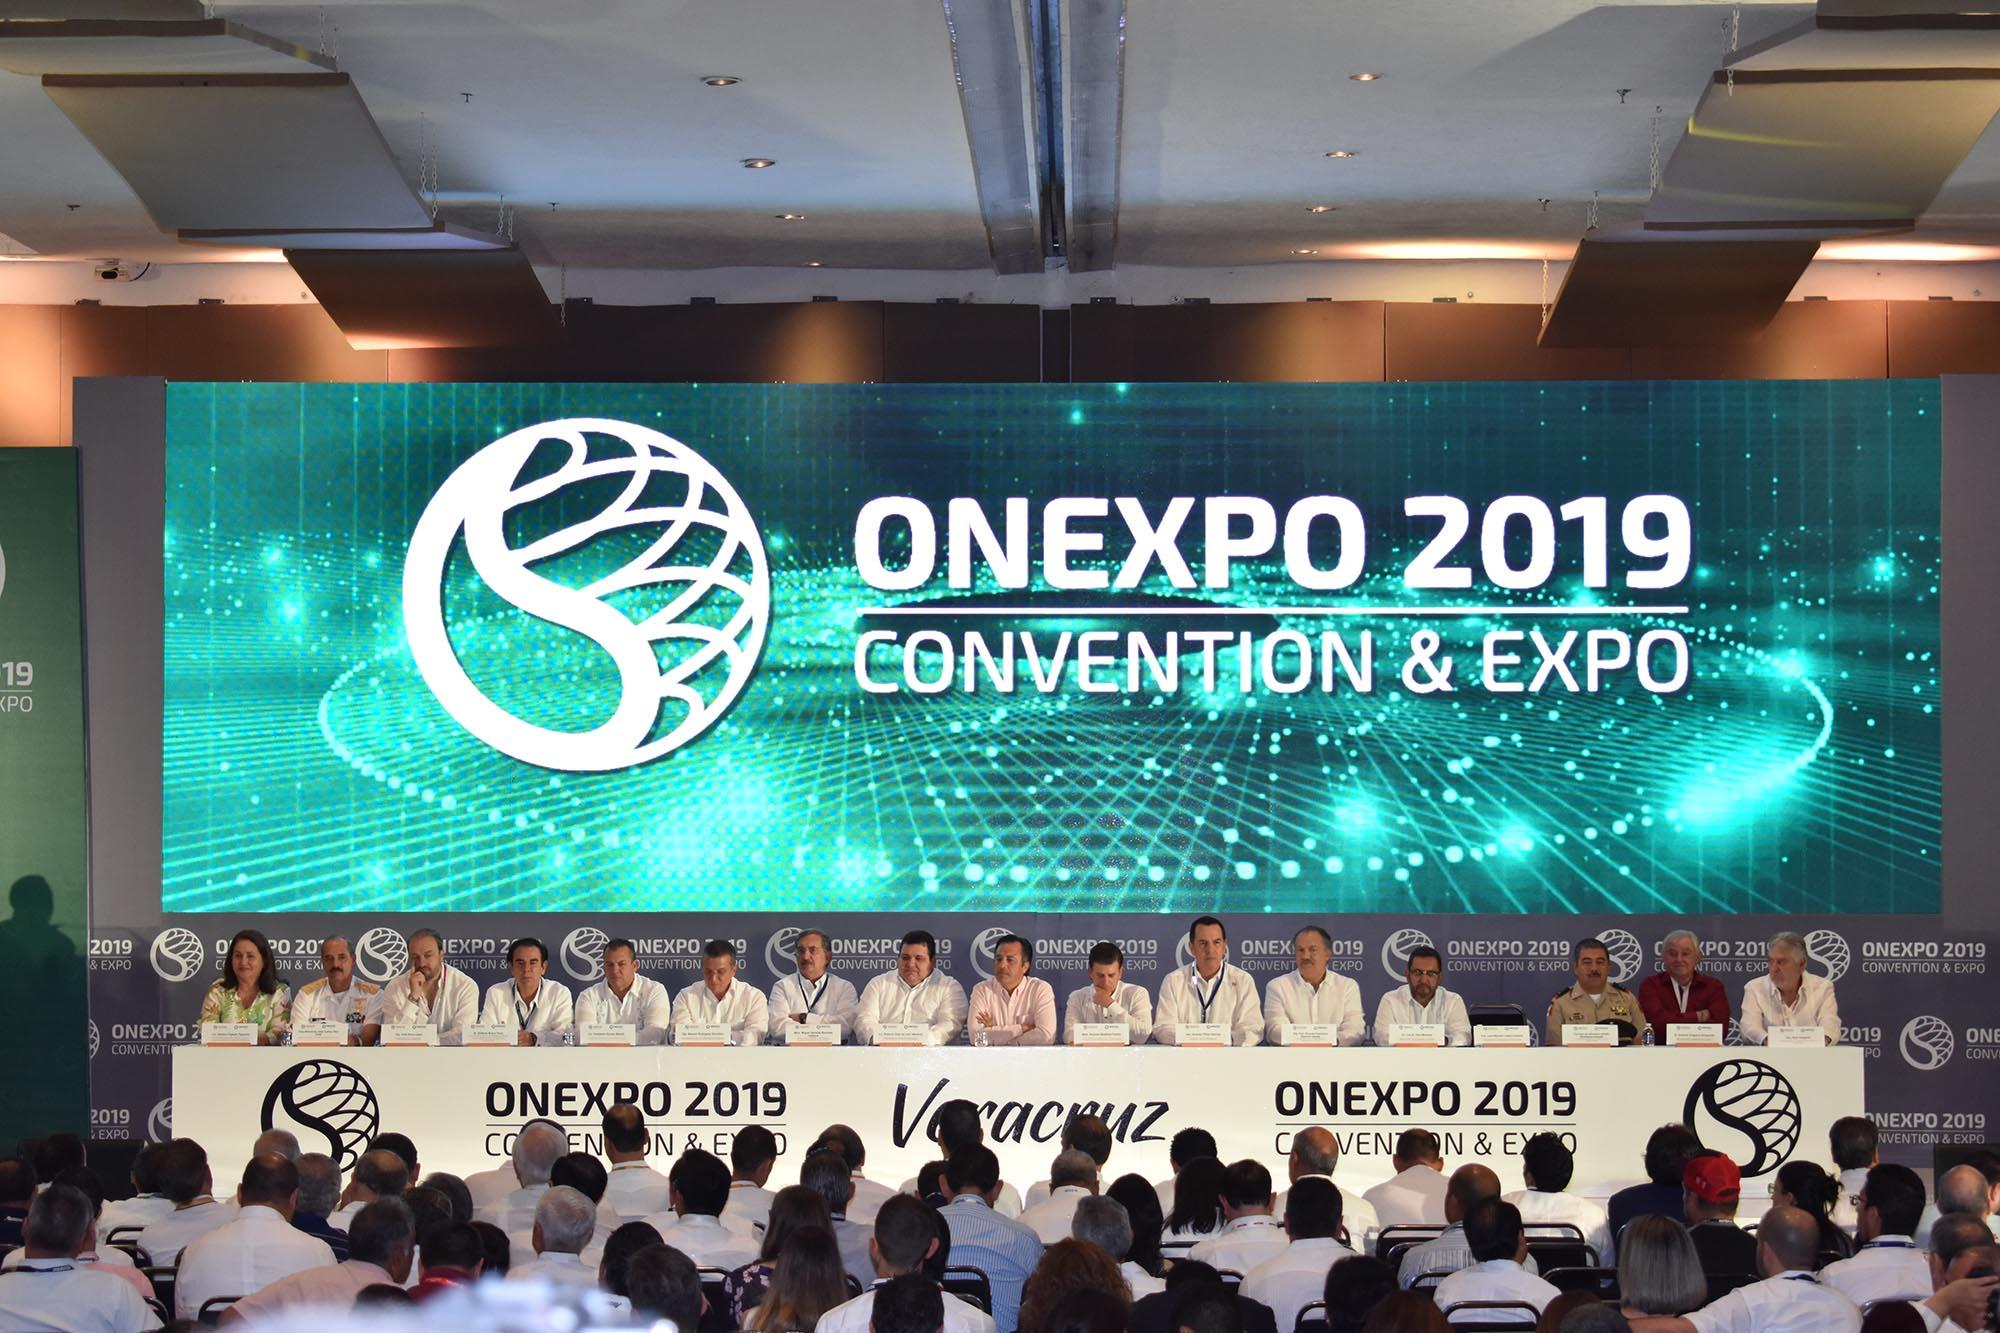 Convención & Expo Onexpo 2019